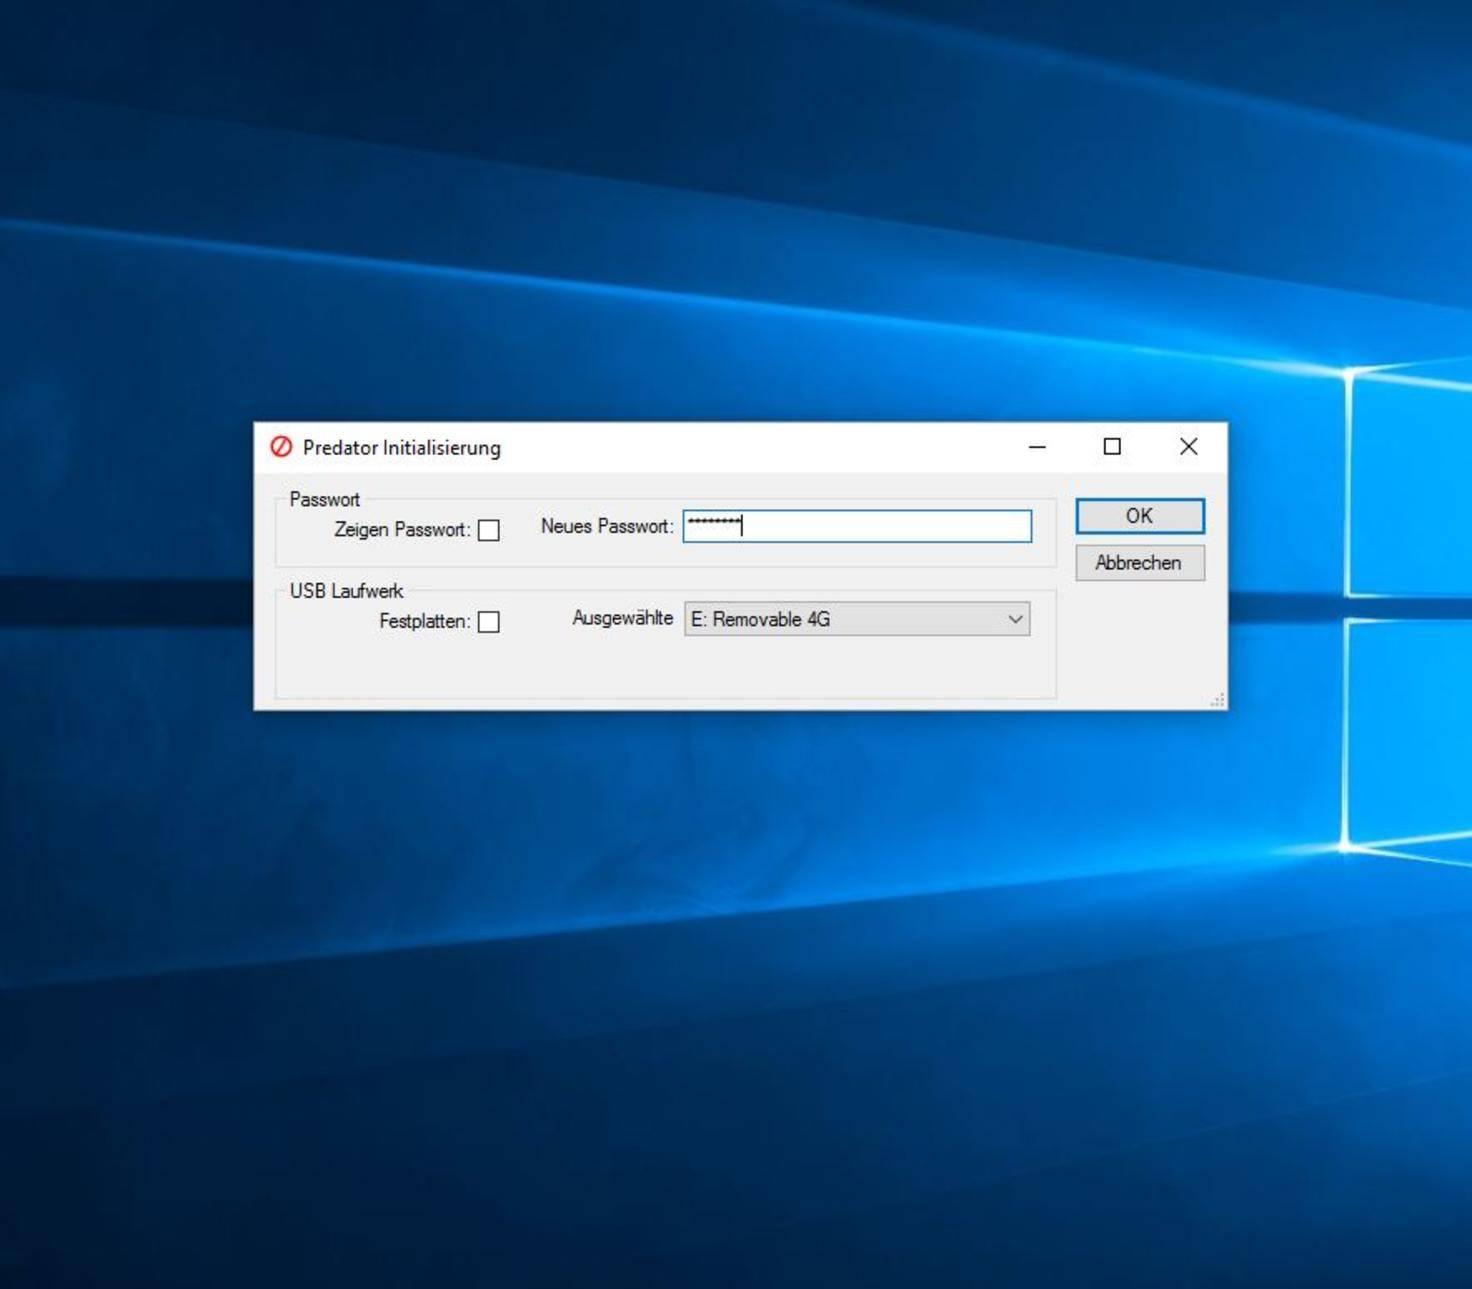 Predator nutzt den USB-Stick, um Deinen PC zu verschlüsseln.